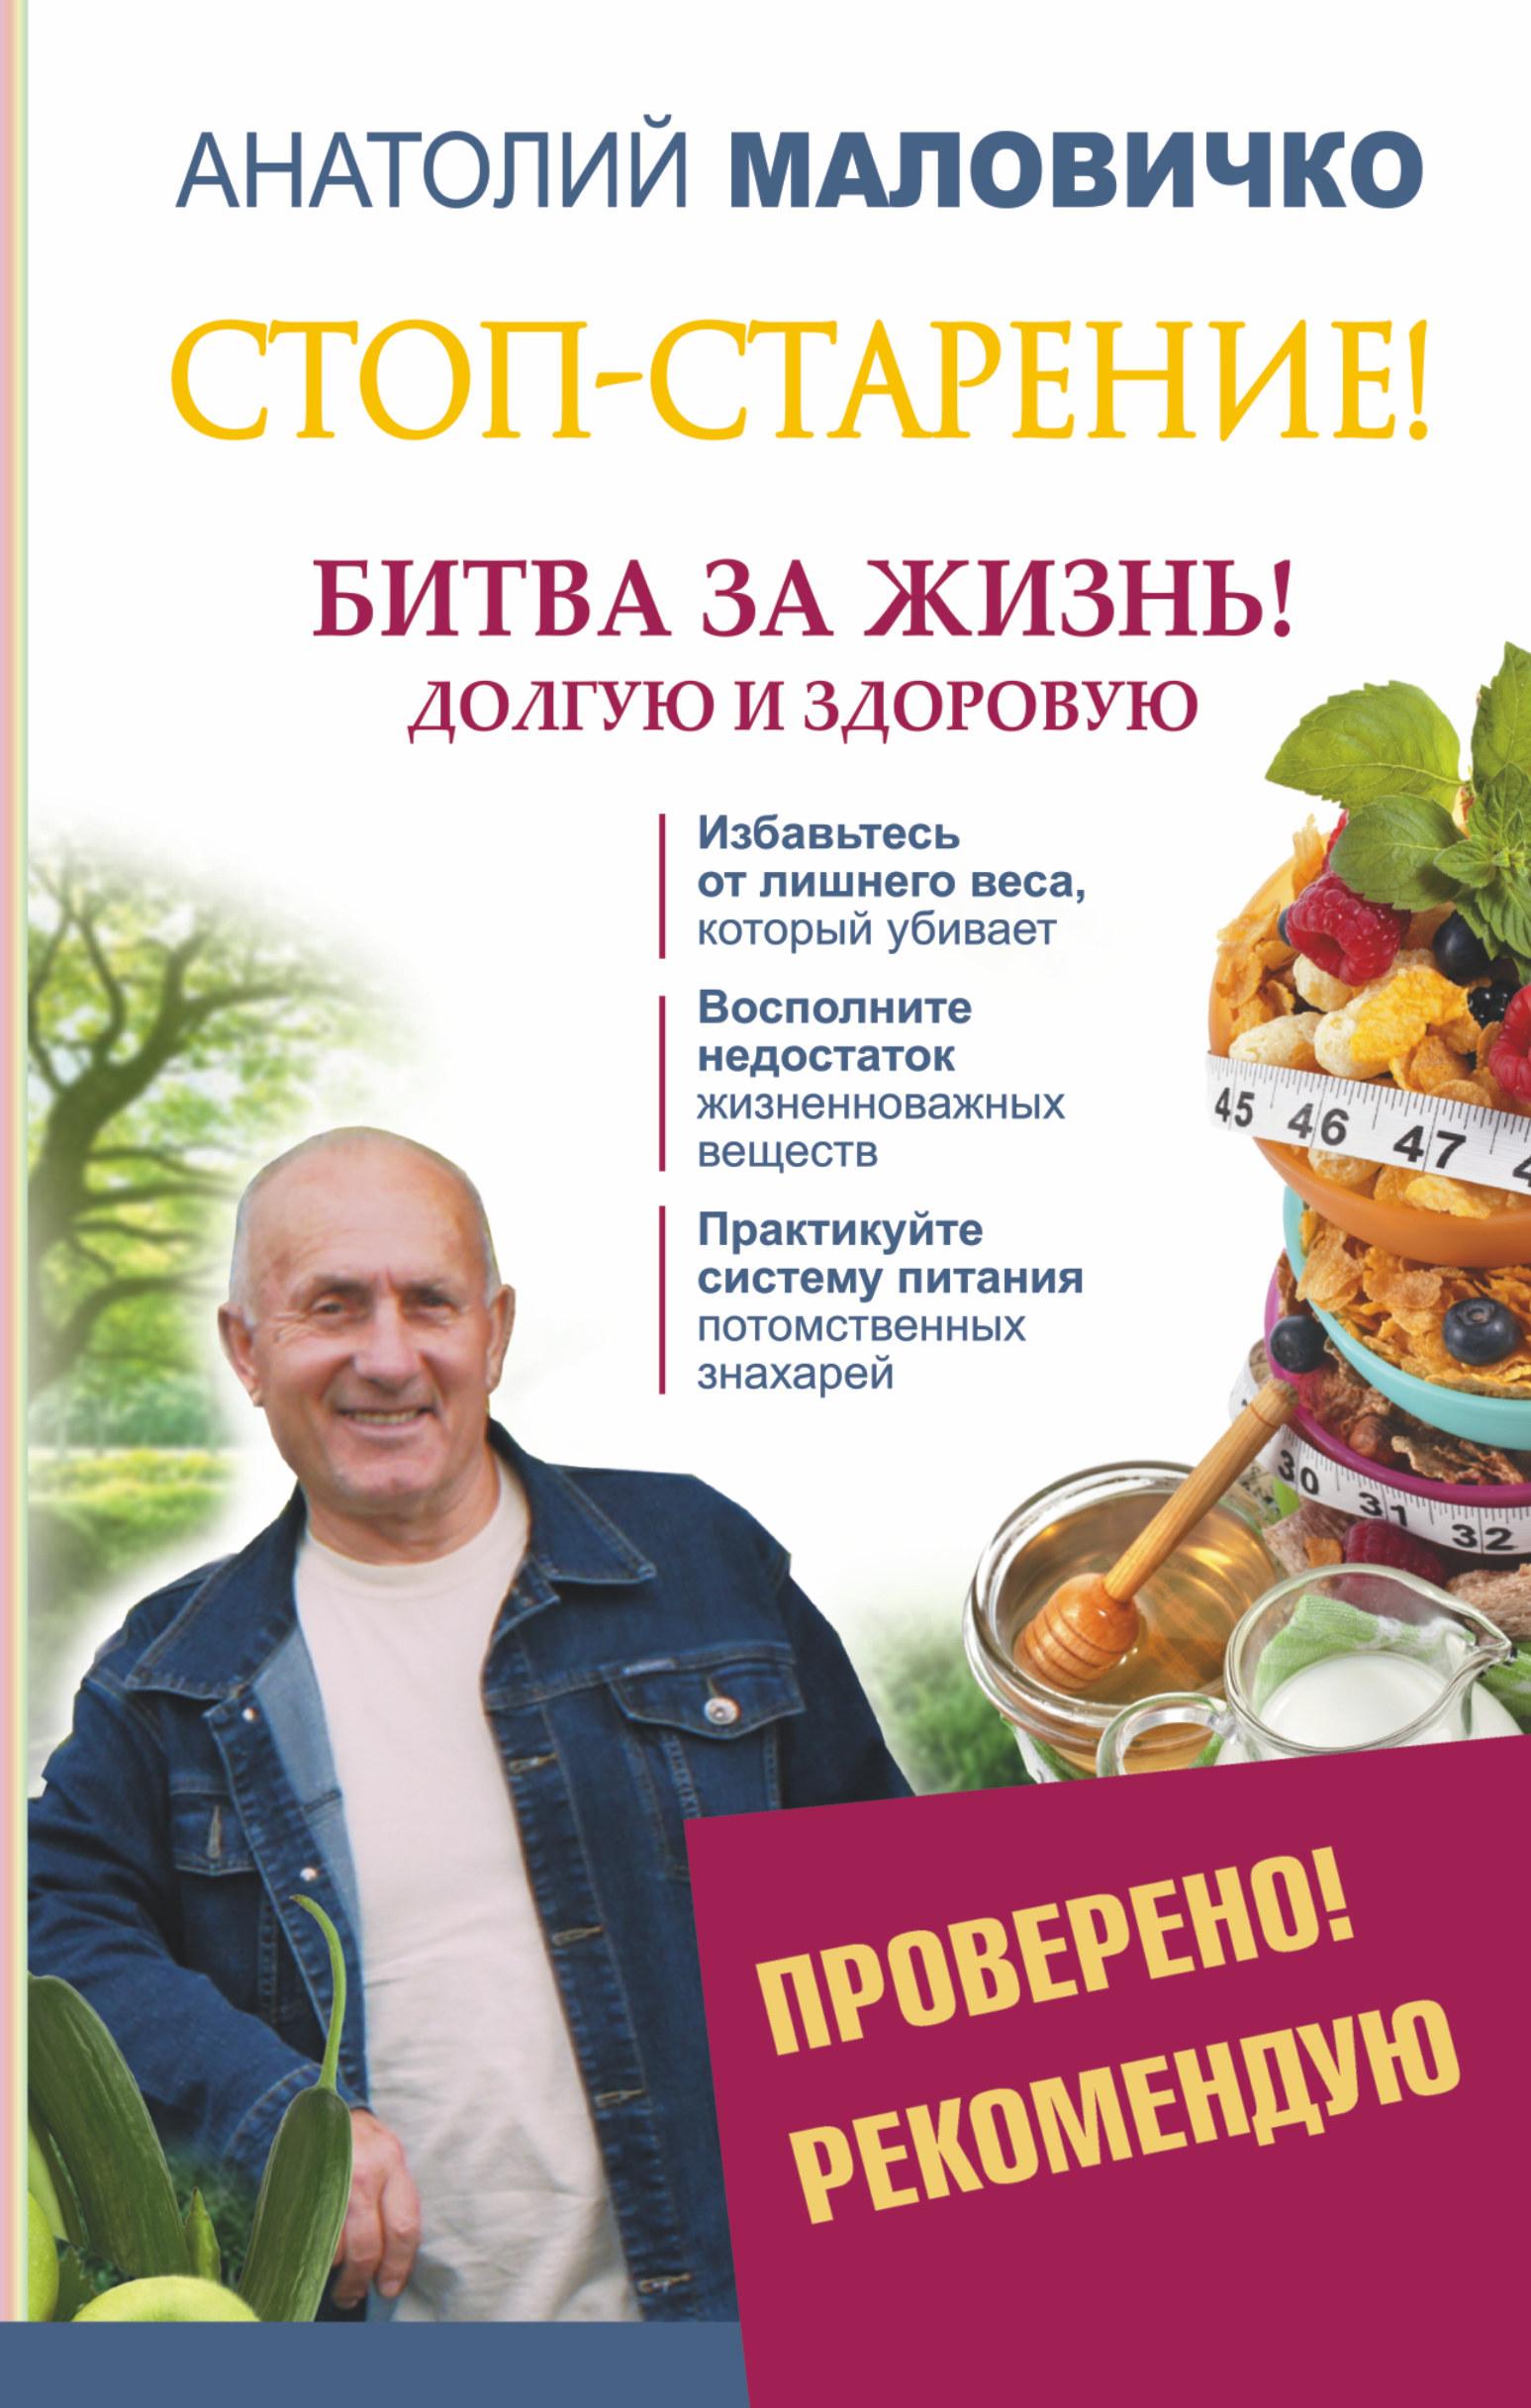 Стоп-старение! Битва за жизнь! Долгую и здоровую от book24.ru